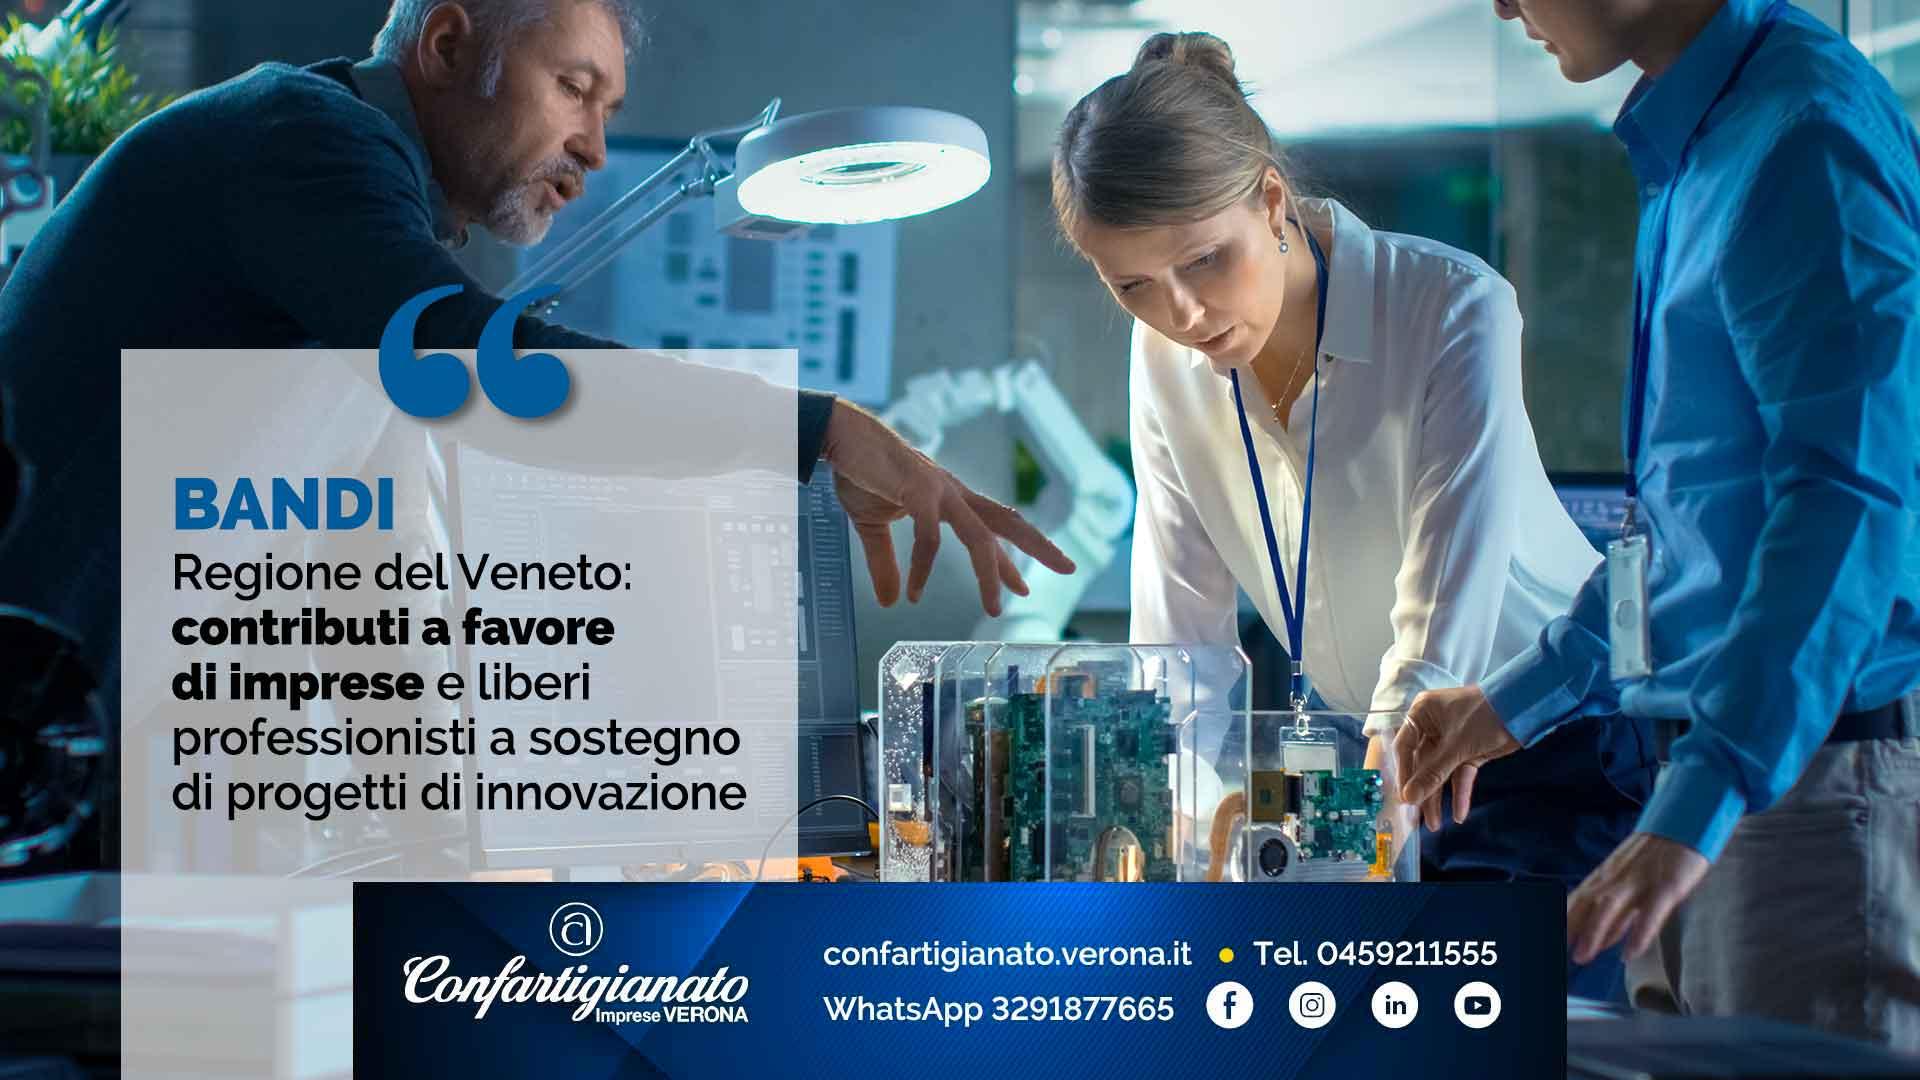 BANDI – Regione del Veneto: contributi a favore di imprese e liberi professionisti a sostegno di progetti di innovazione